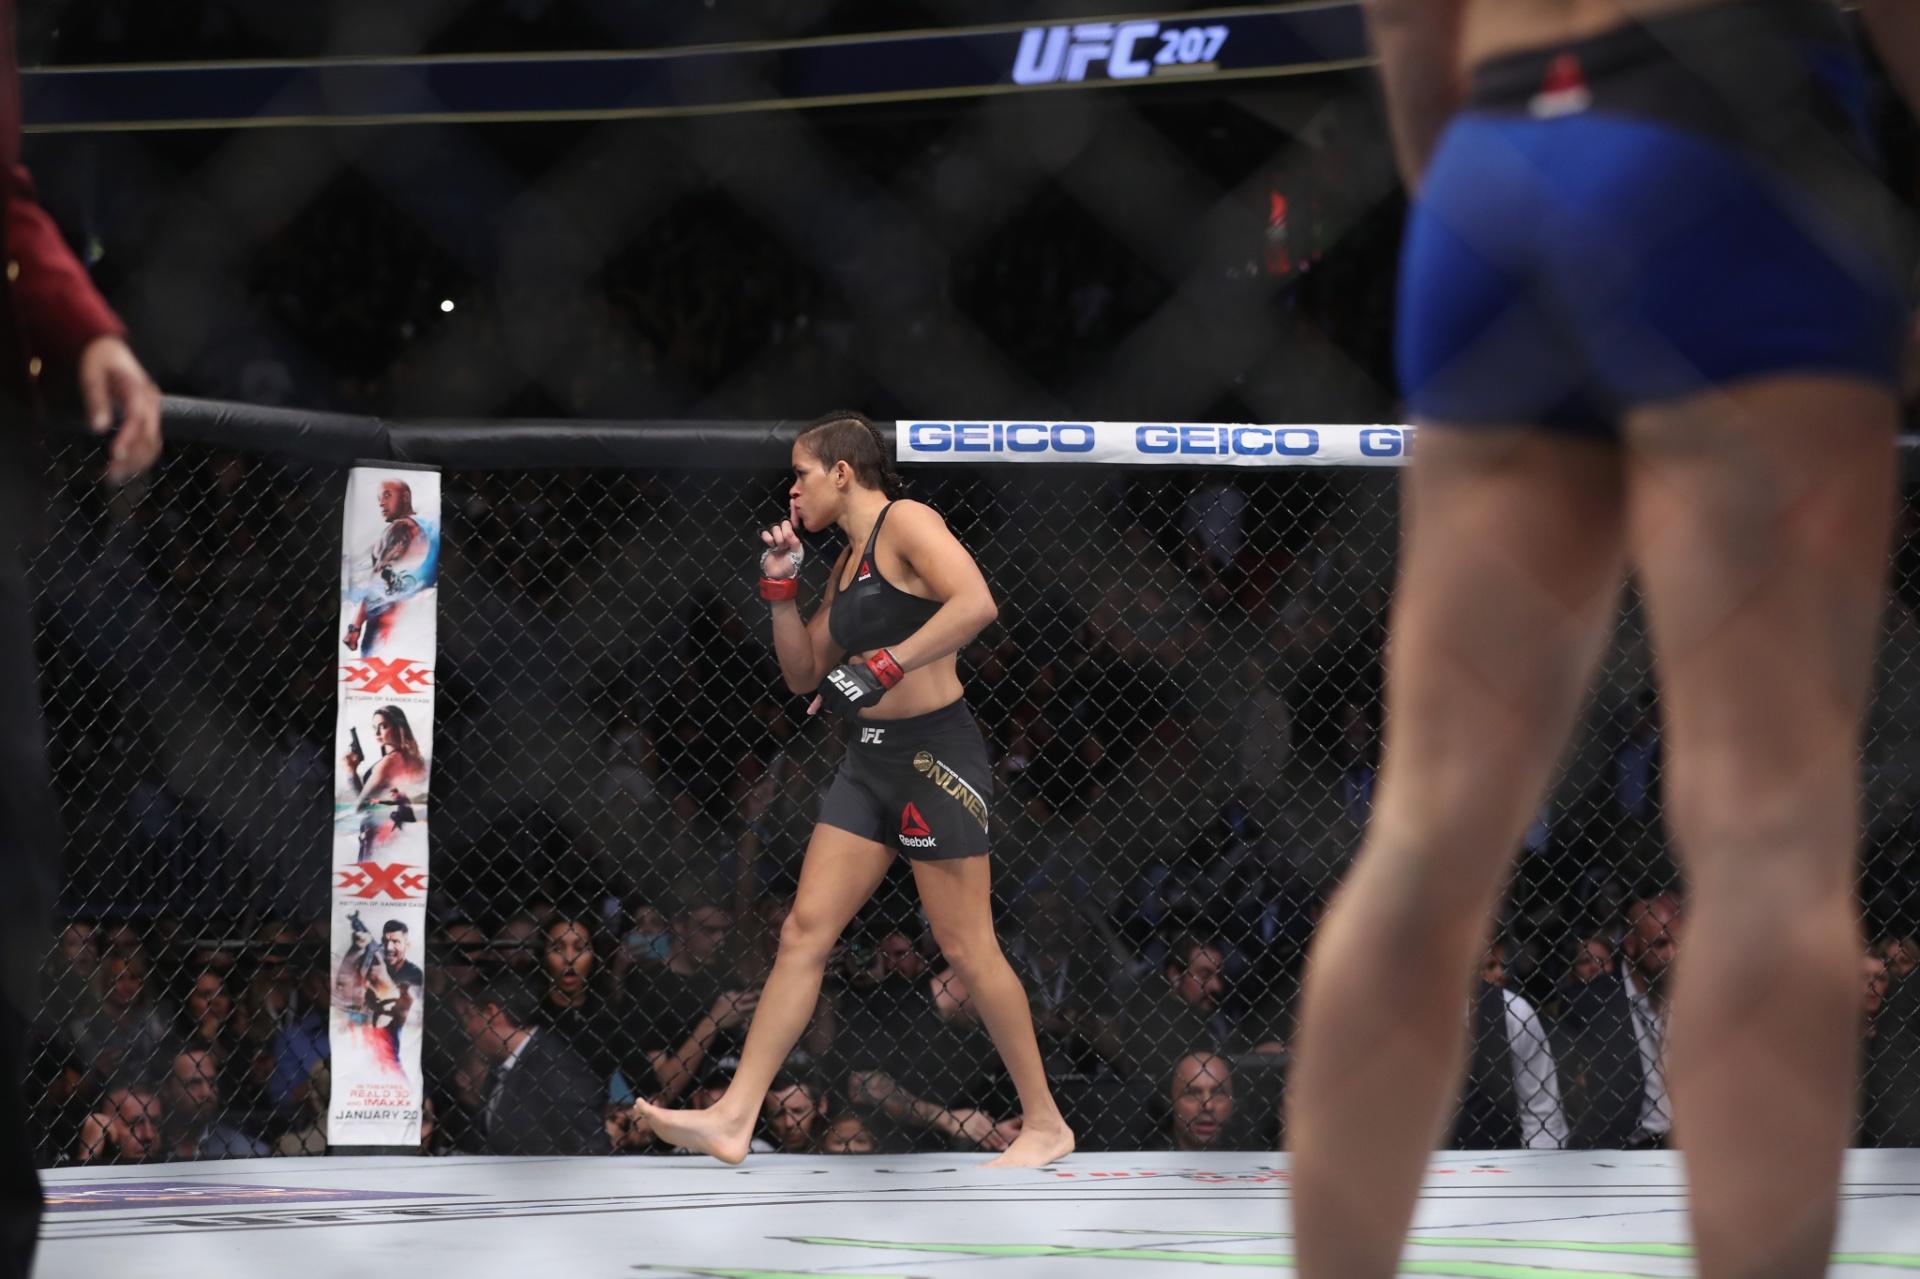 Especial - Amanda Nunes pede silêncio para a torcida depois de vencer Ronda Rousey no UFC